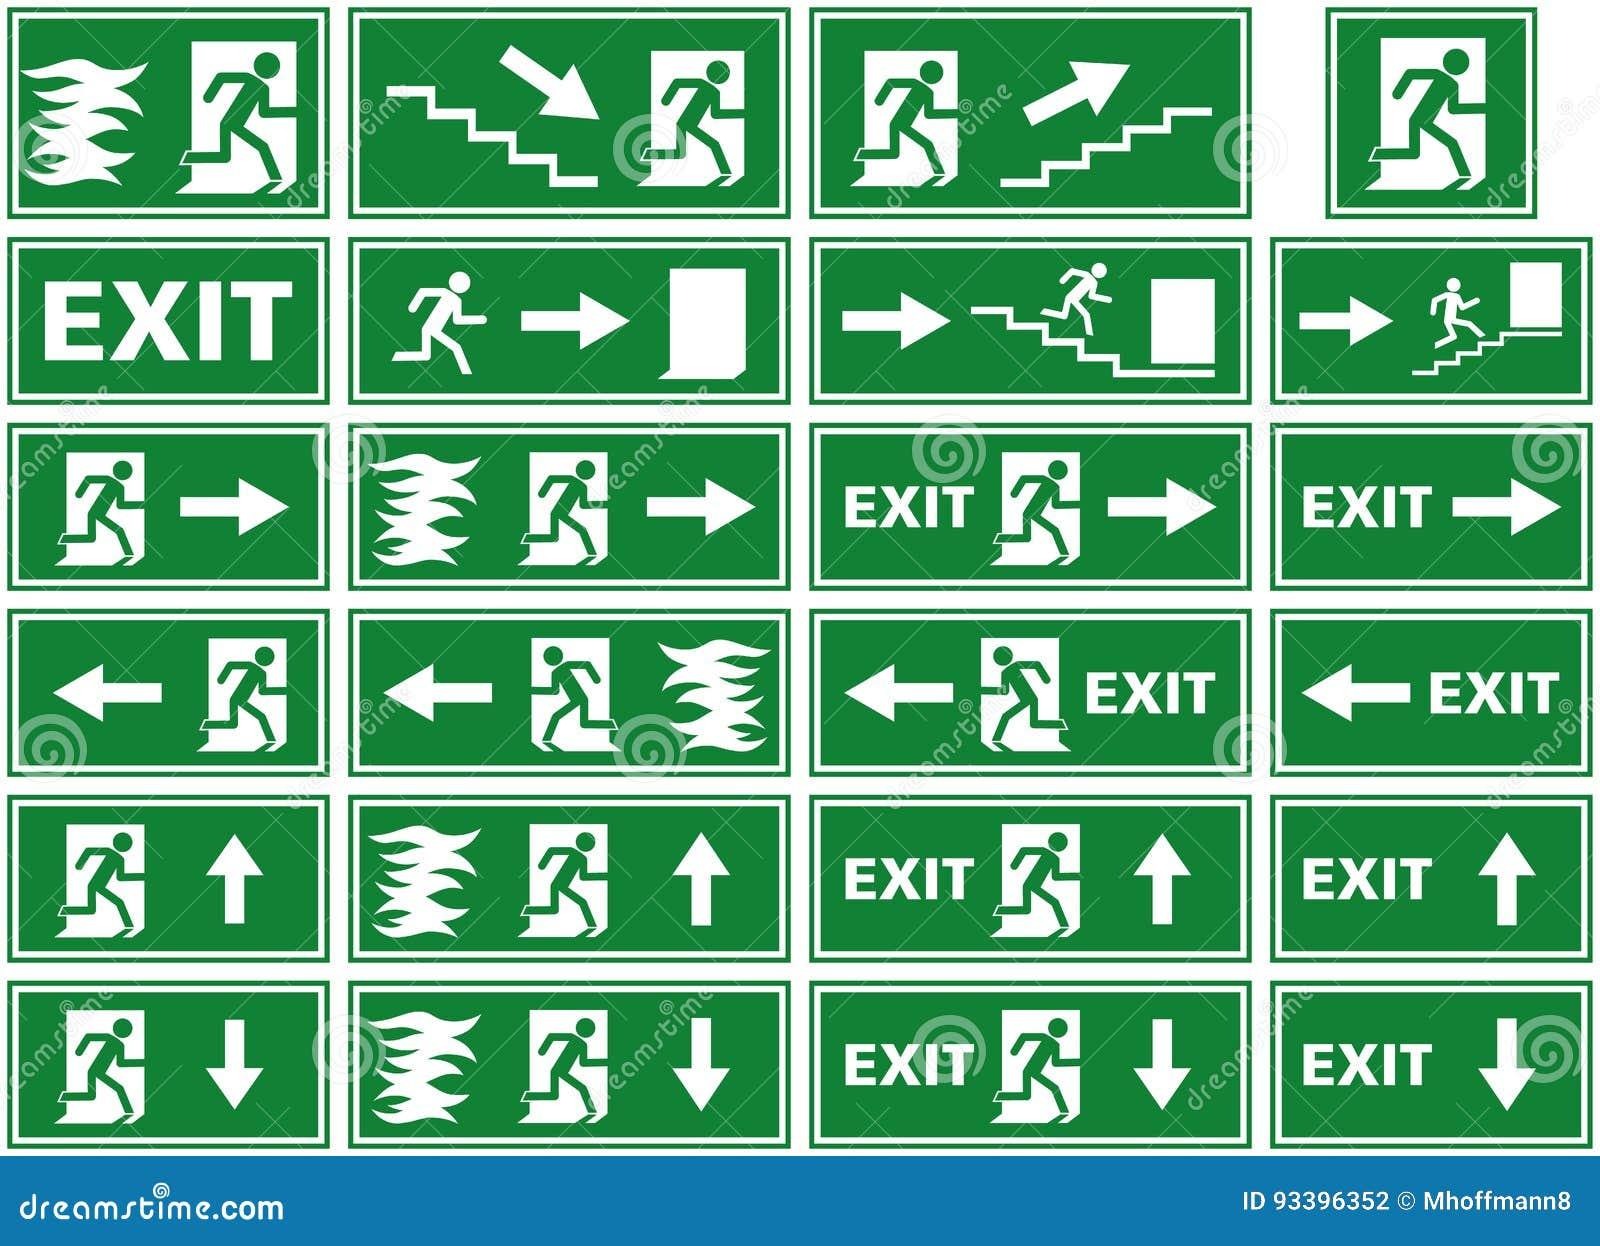 Vector symbol set emergency exit sign fire alarm plate person vector symbol set emergency exit sign fire alarm plate person escaping flames through door buycottarizona Images